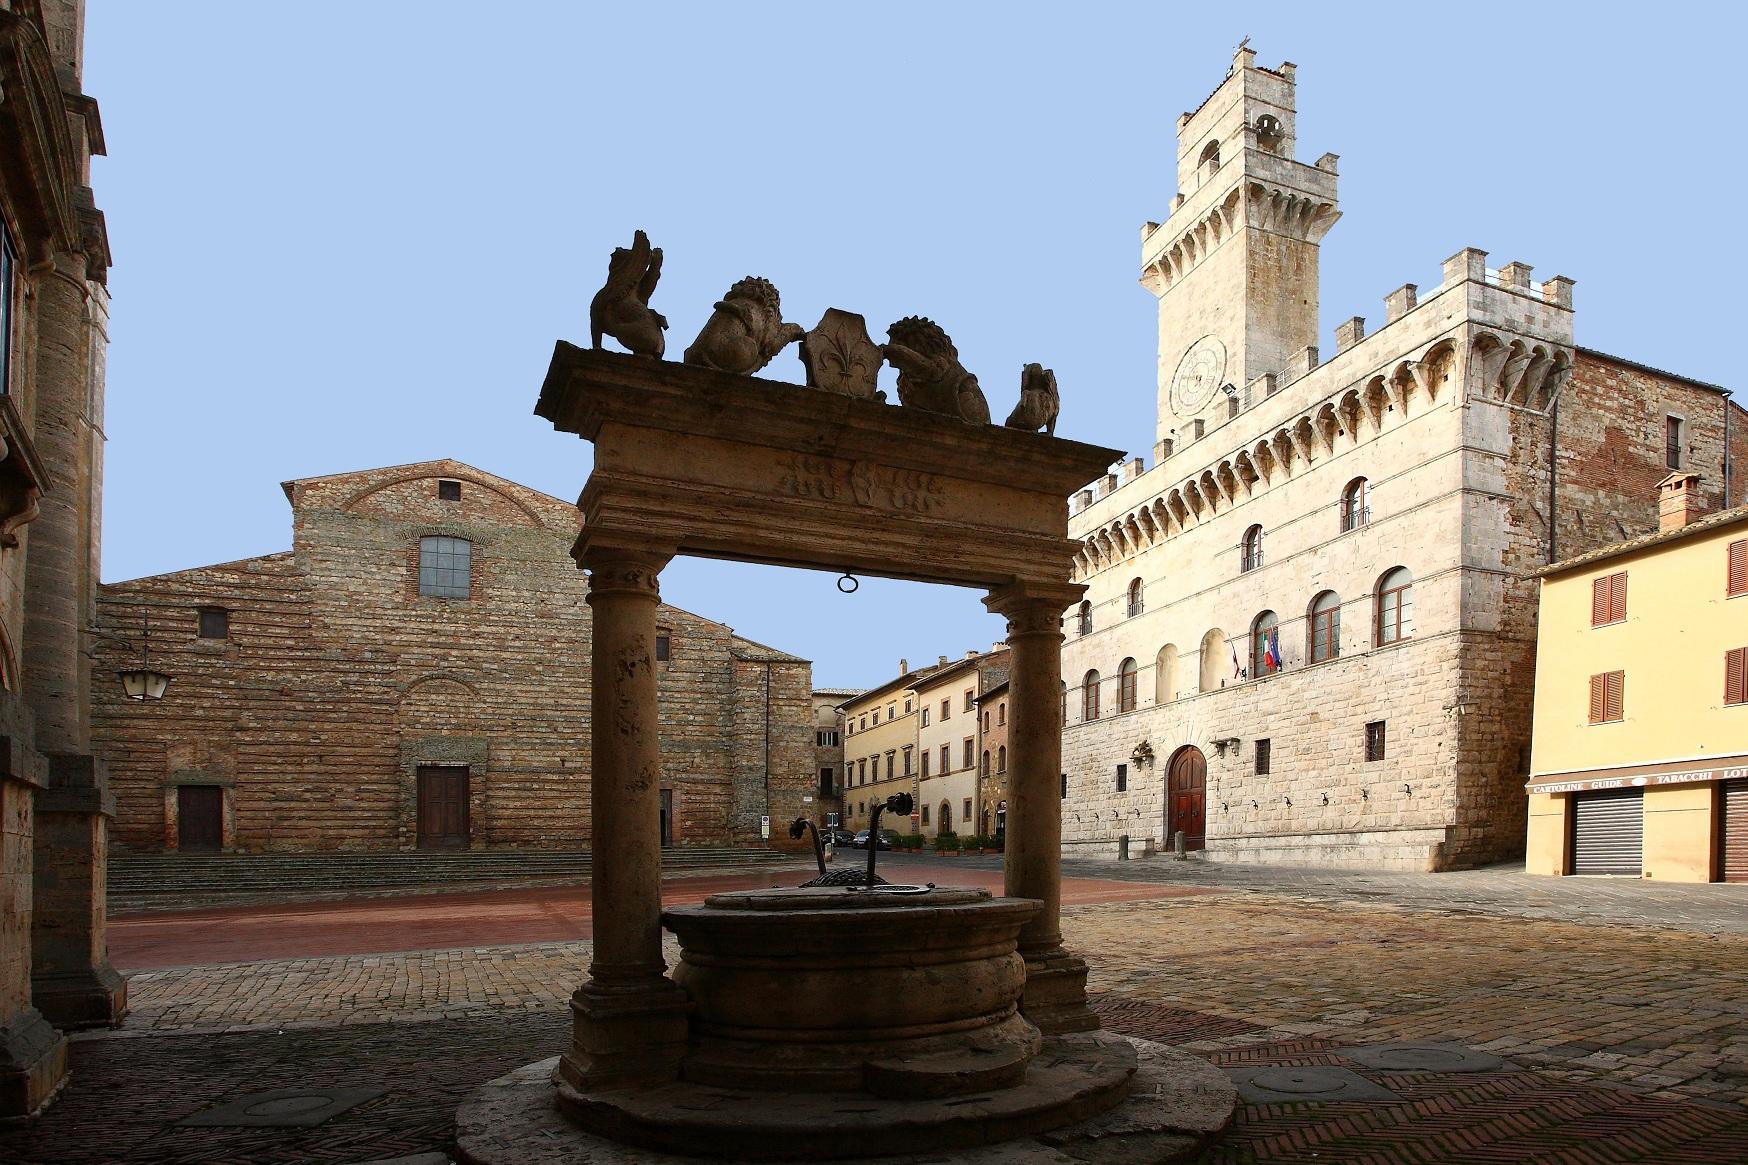 La Piazza Grande de Montepulciano